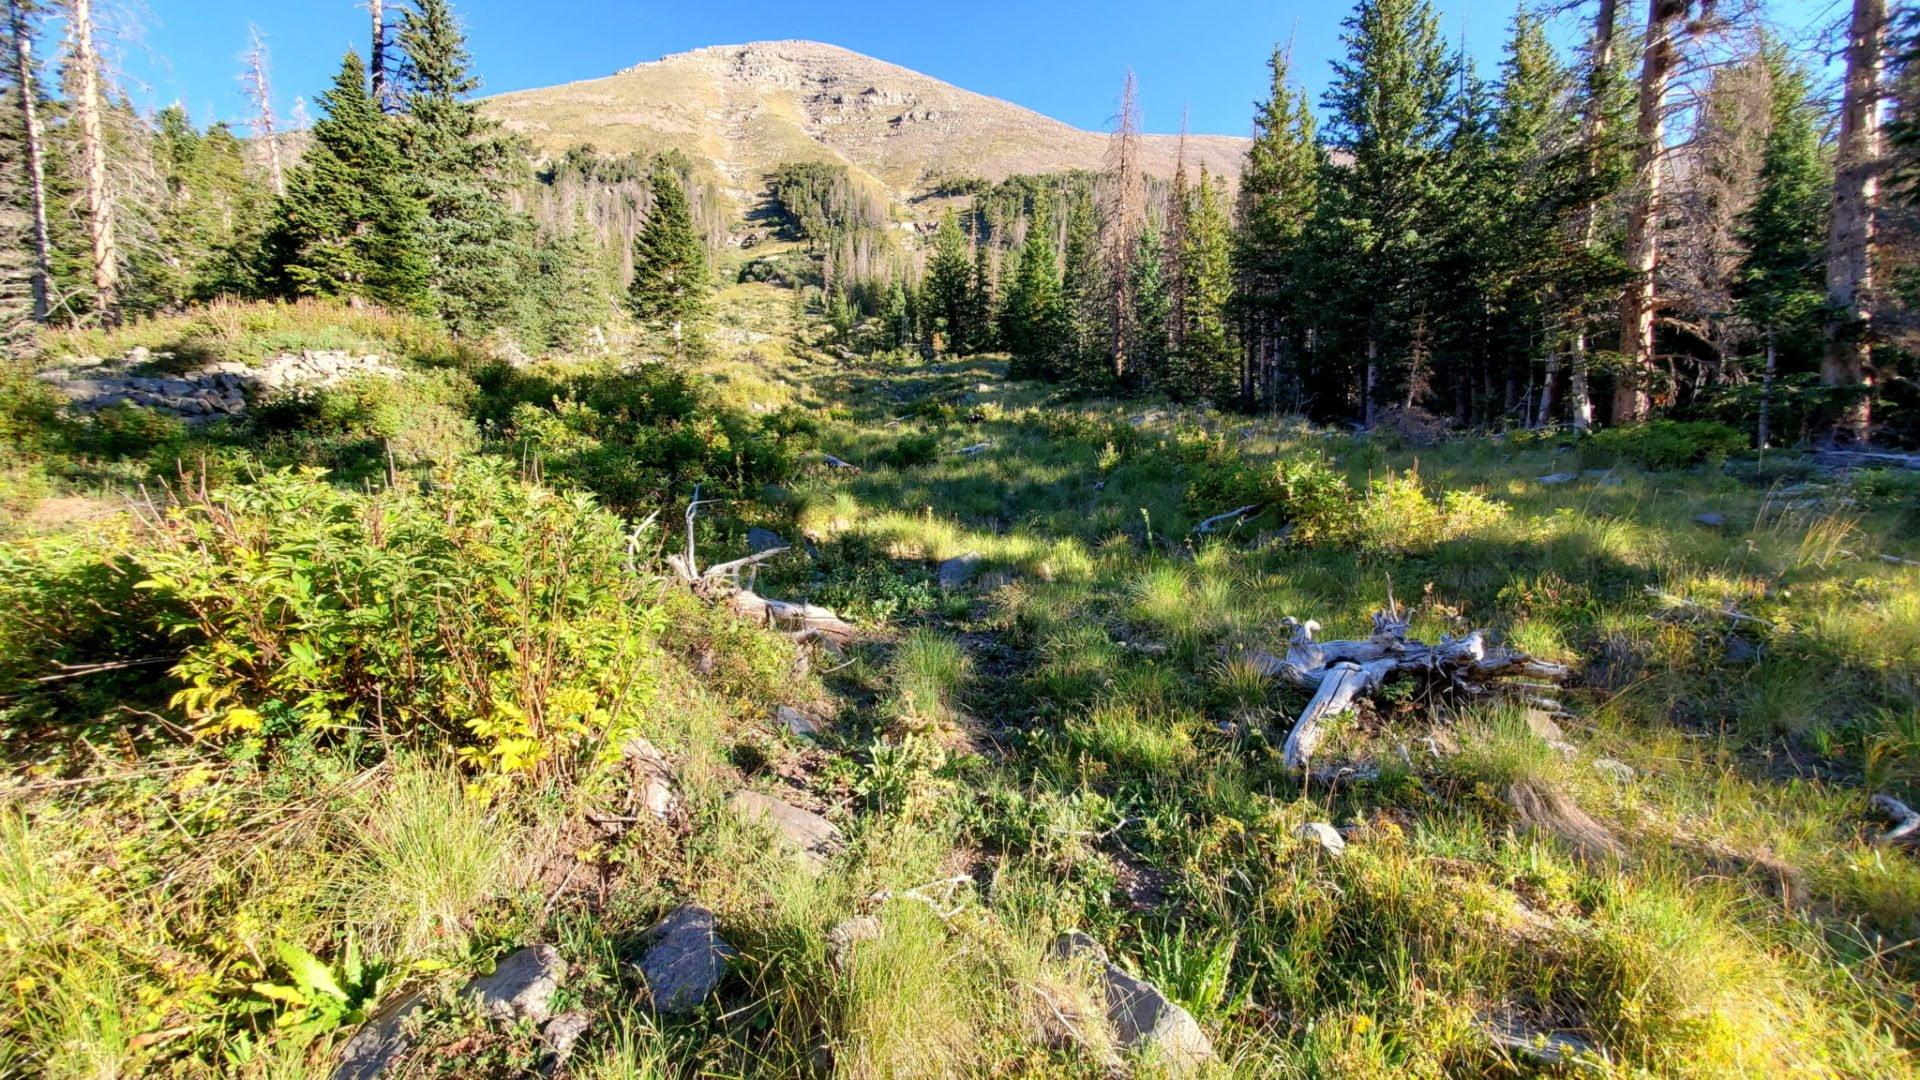 Humboldt Peak 14,064'